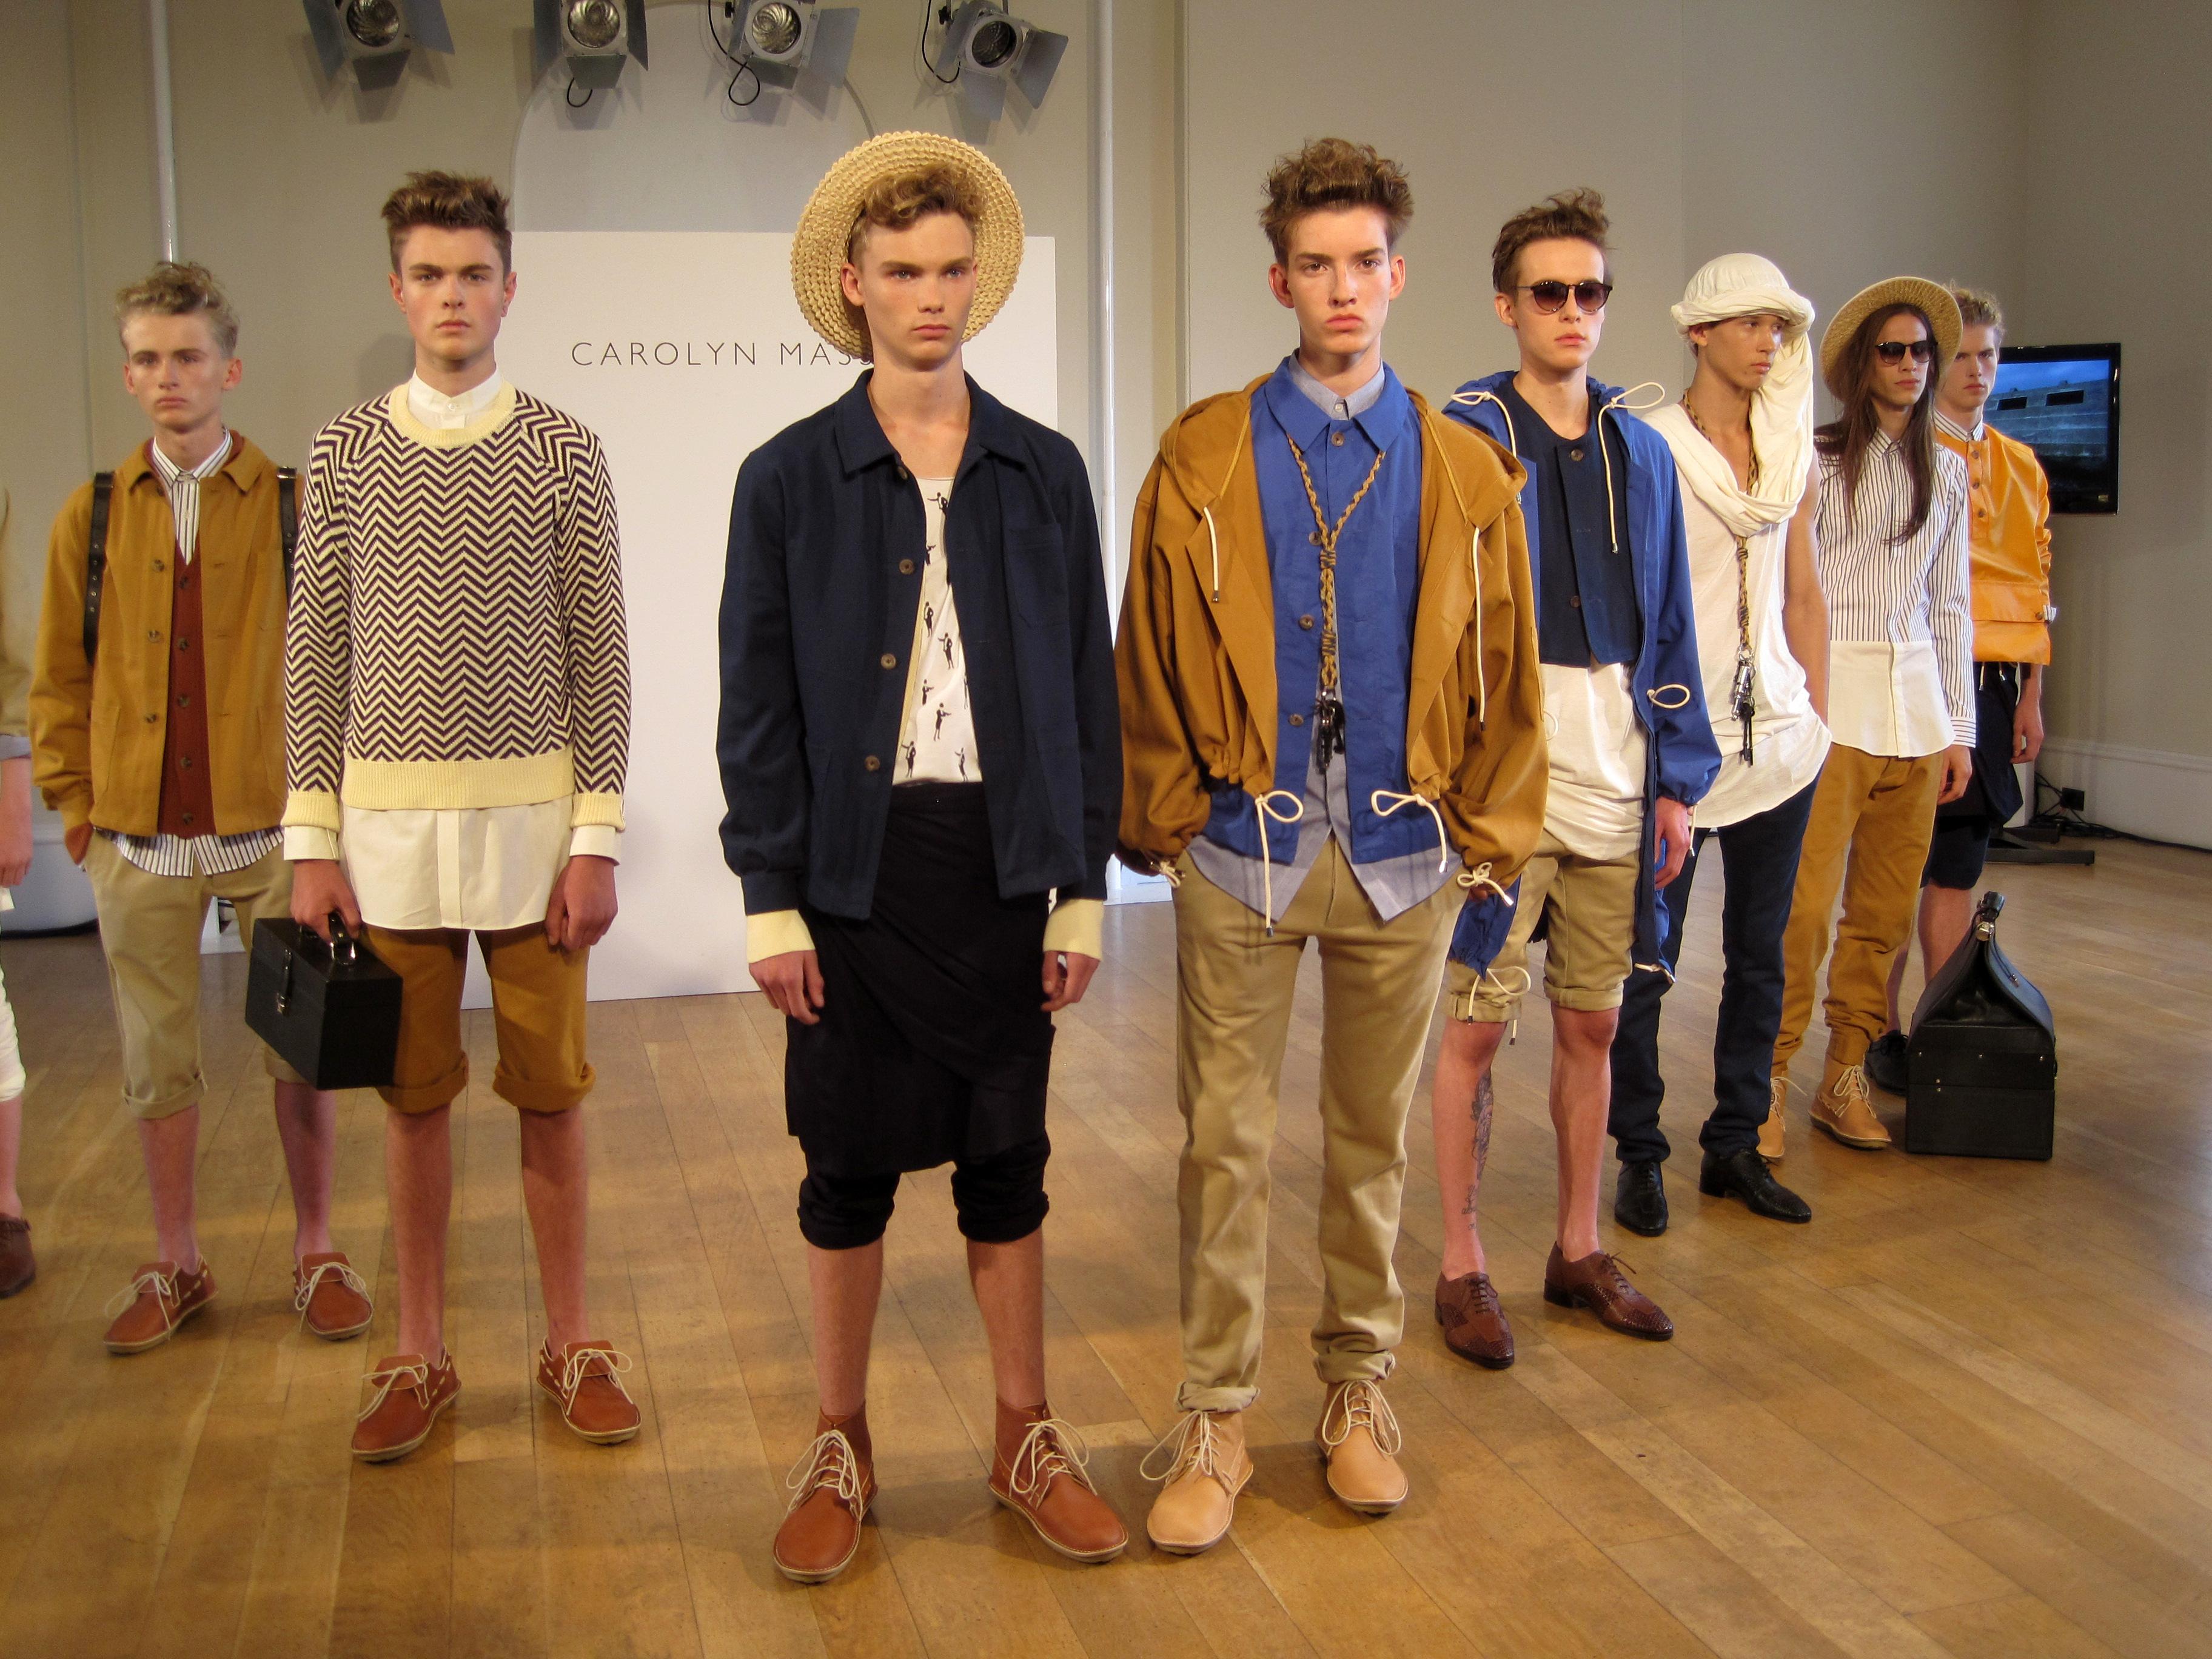 London Fashion Week Mens Day Carolyn Massey Presentation Anne